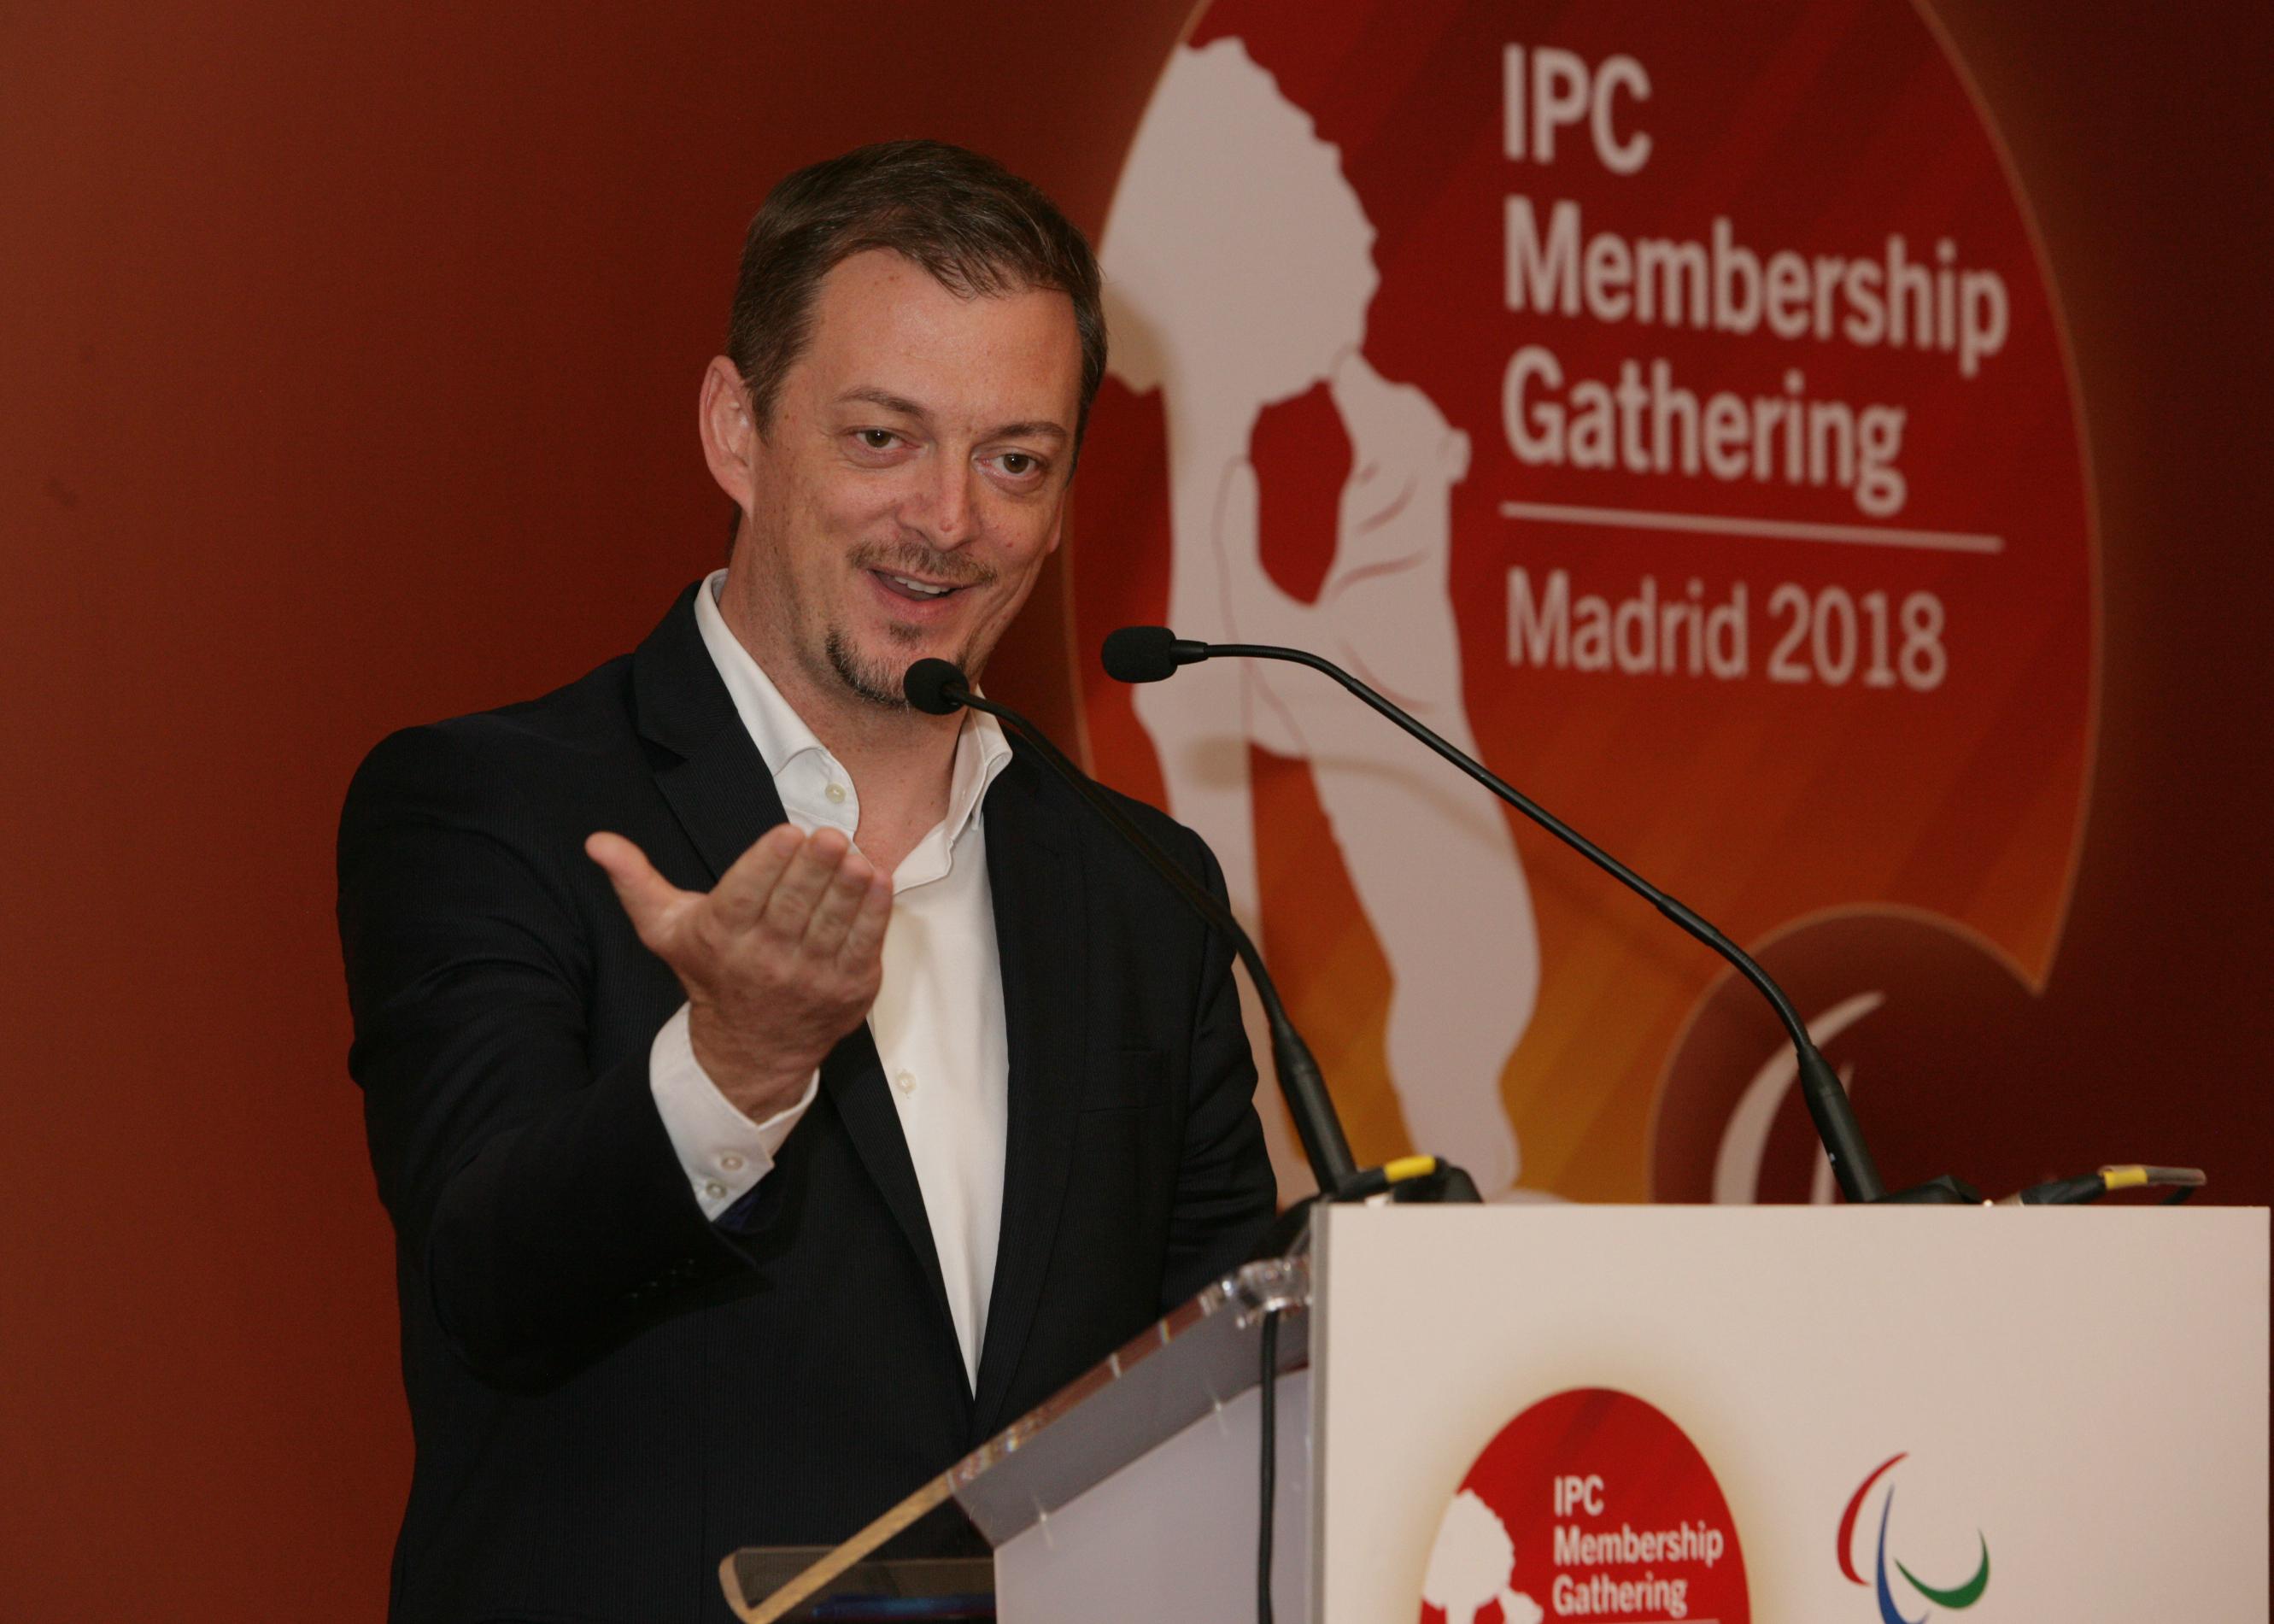 Juegos Paralímpicos. Fuente: IPC